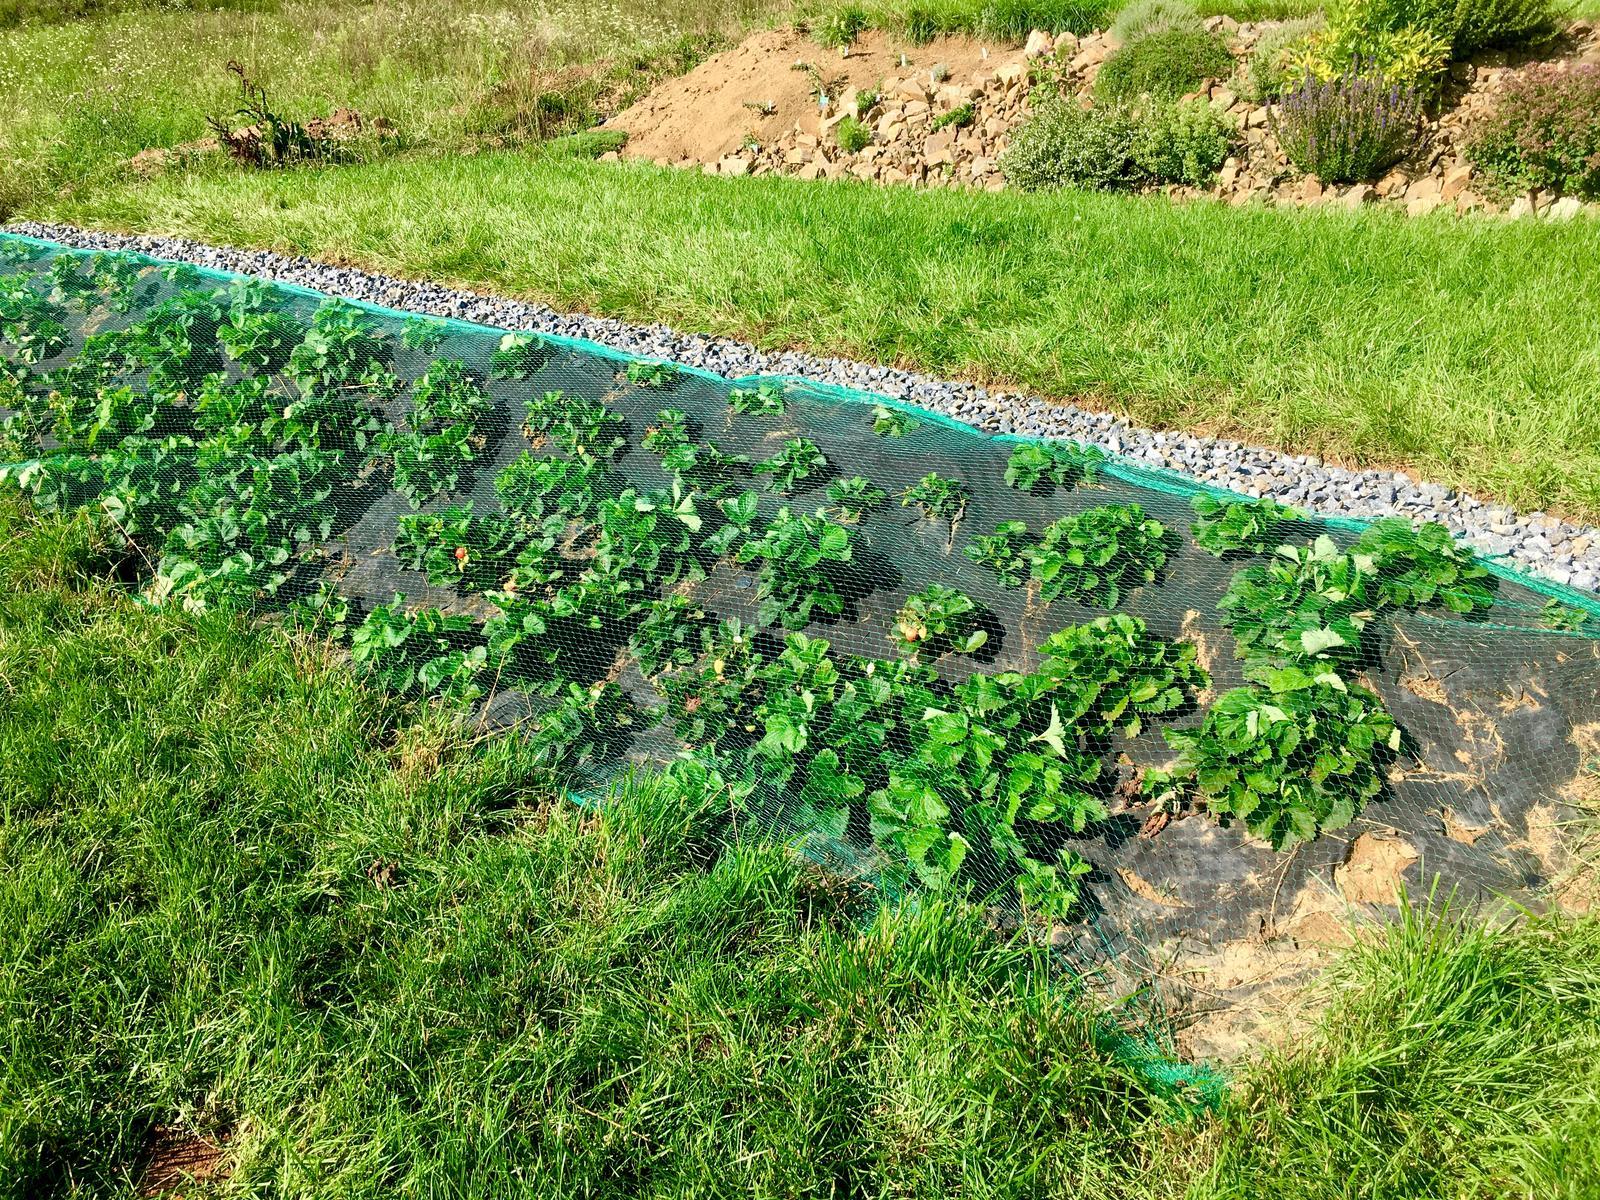 Skřítčí zahrada 2015 - 2020 - Srpen 2019 - ještě mi  zbývá udělat příkop se štěrkem pod jahodami a bude to paráda (a další dvě terasy nad i pod) ... v pozadí rozkutěná bylinková skalka, dodělávám ji postupně, jak se mi povede vykopat kameny